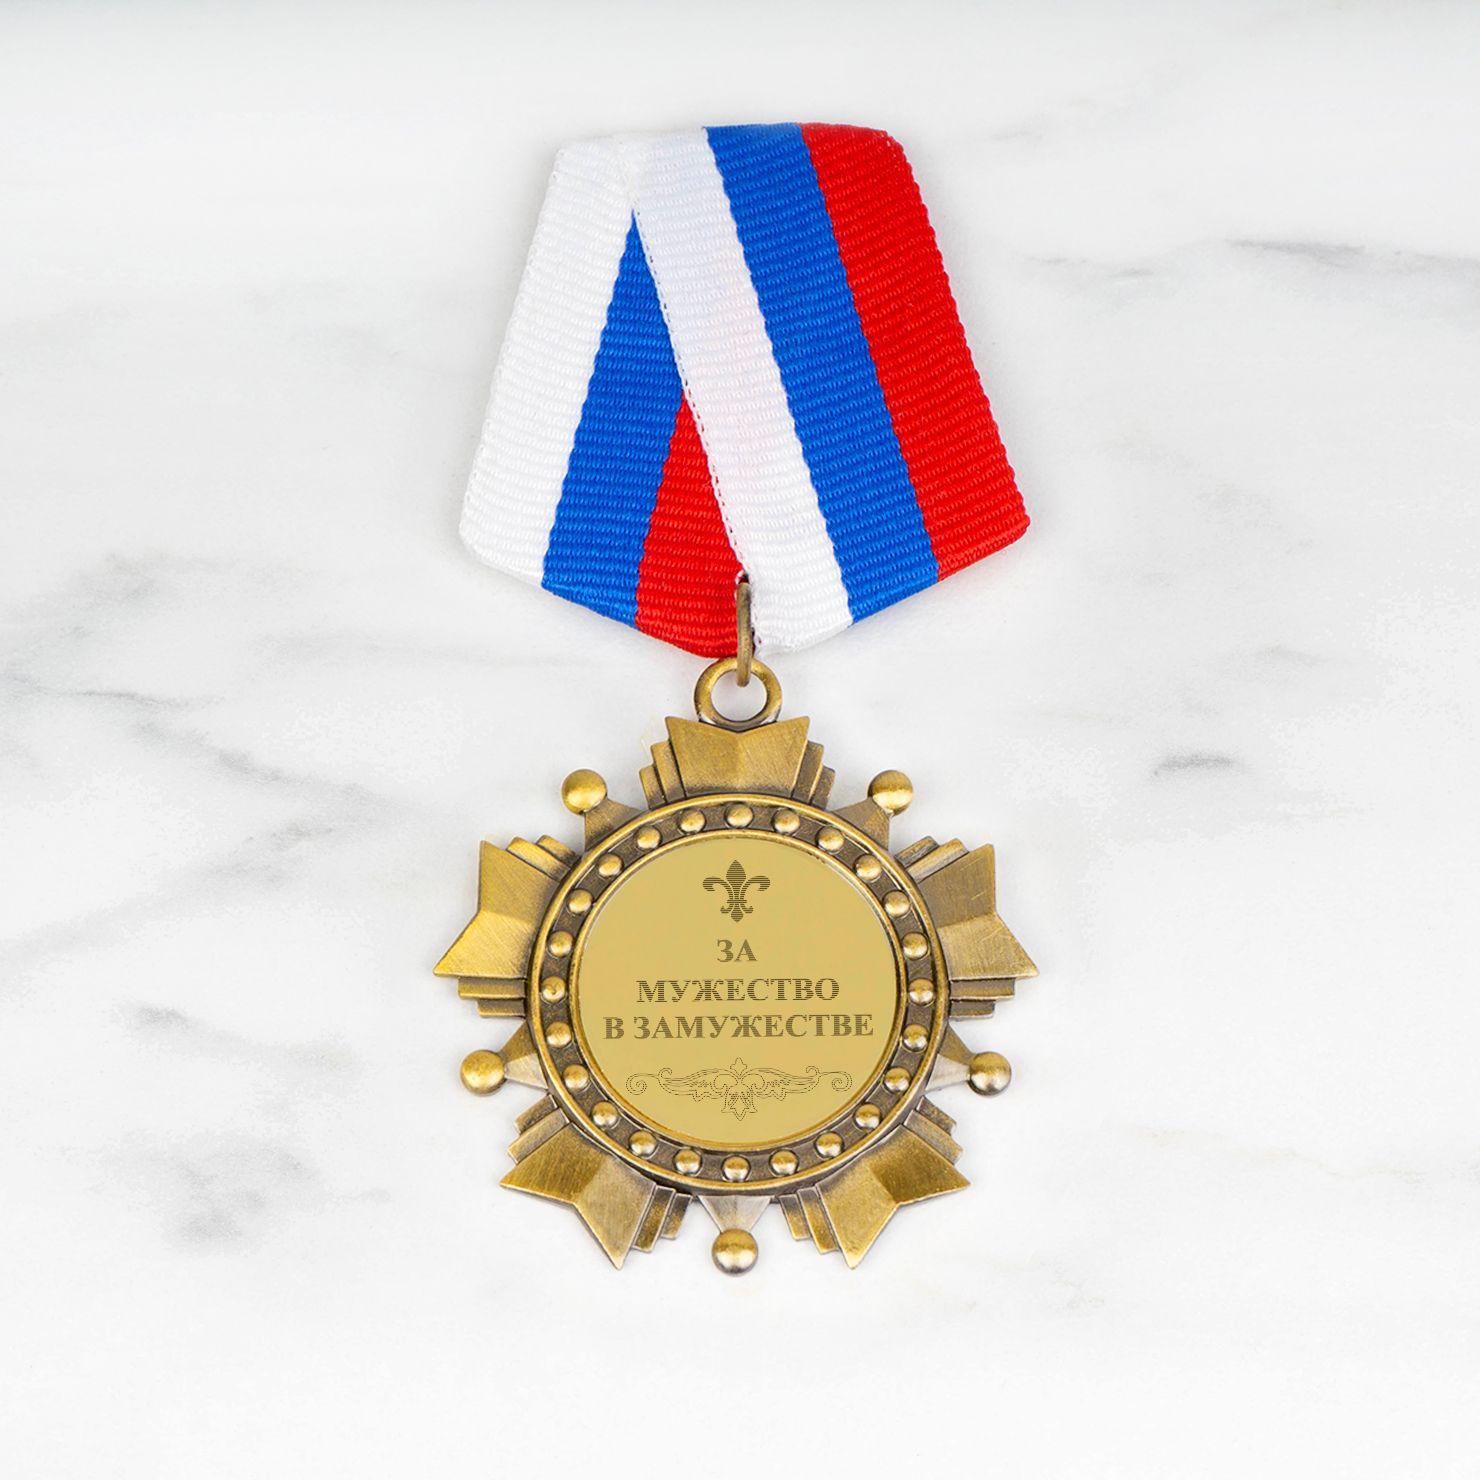 Орден *За мужество в замужестве*